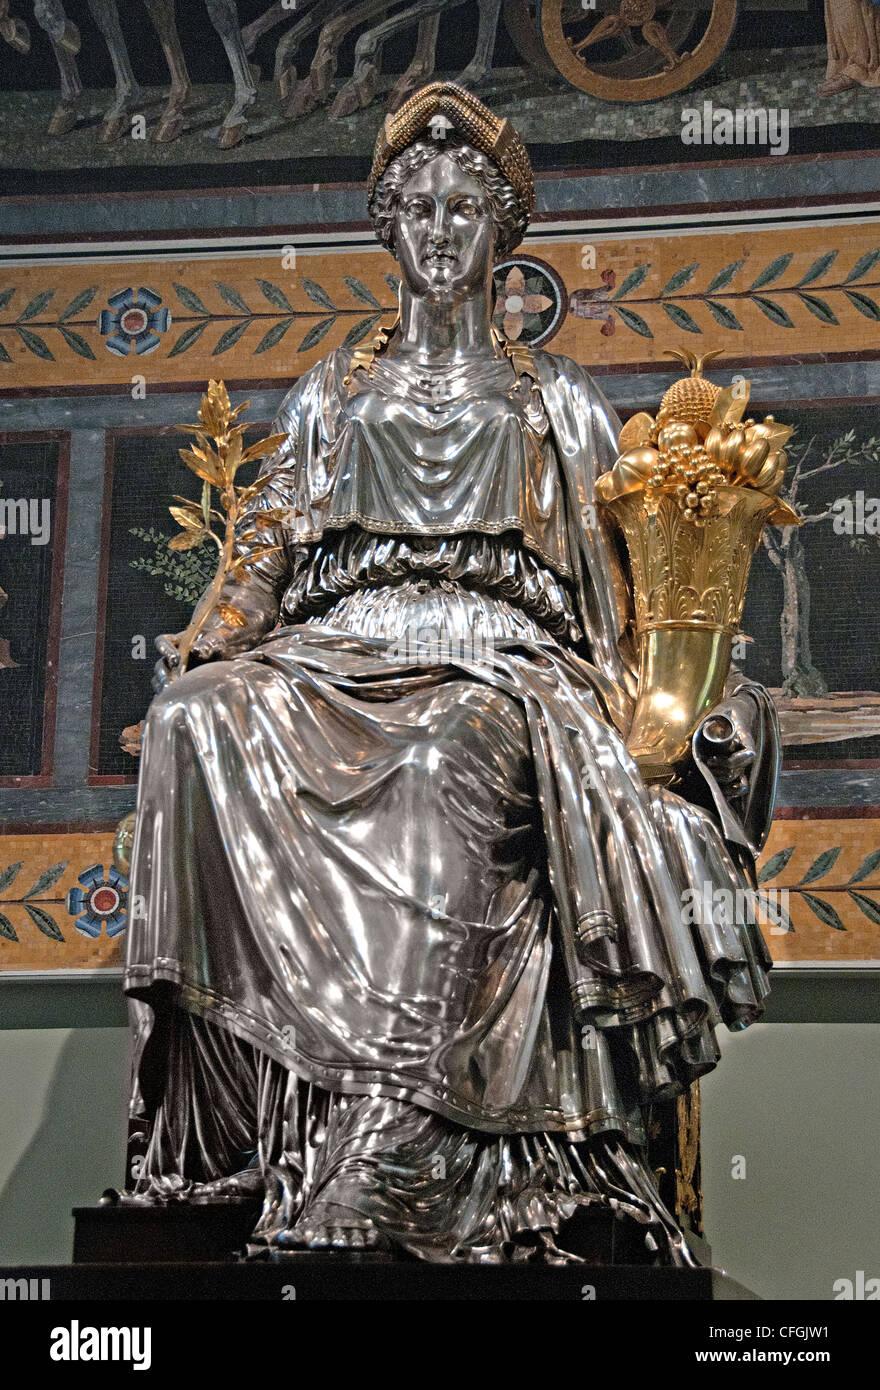 Das Genie des Kaisers, Kontrolle der Victoire, bringt Frieden und Überfluss von Francesco Belloni Frankreich Stockbild